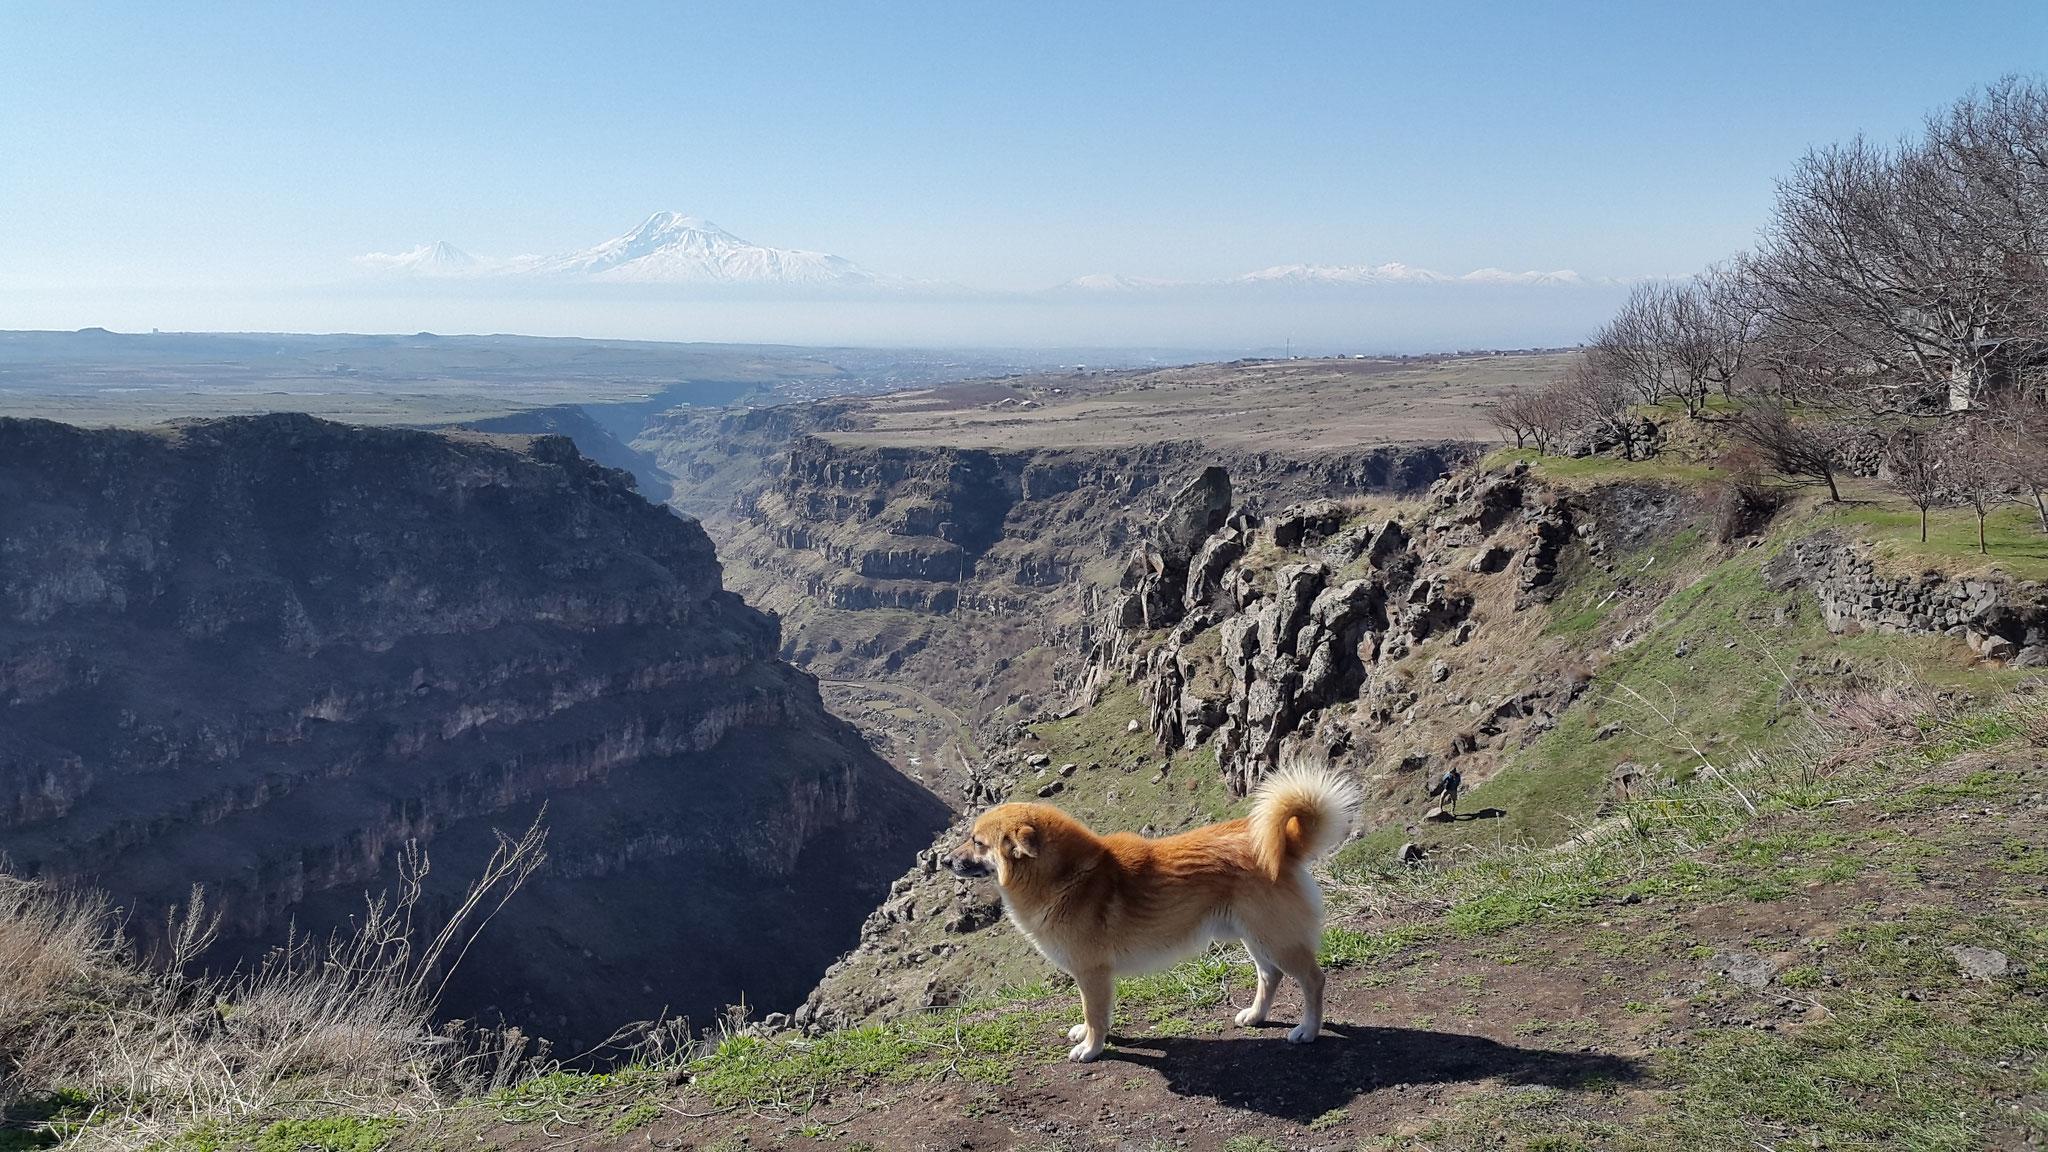 Blick in die Kasakh-Schlucht, der Kloster-Hund leistet uns Gesellschaft